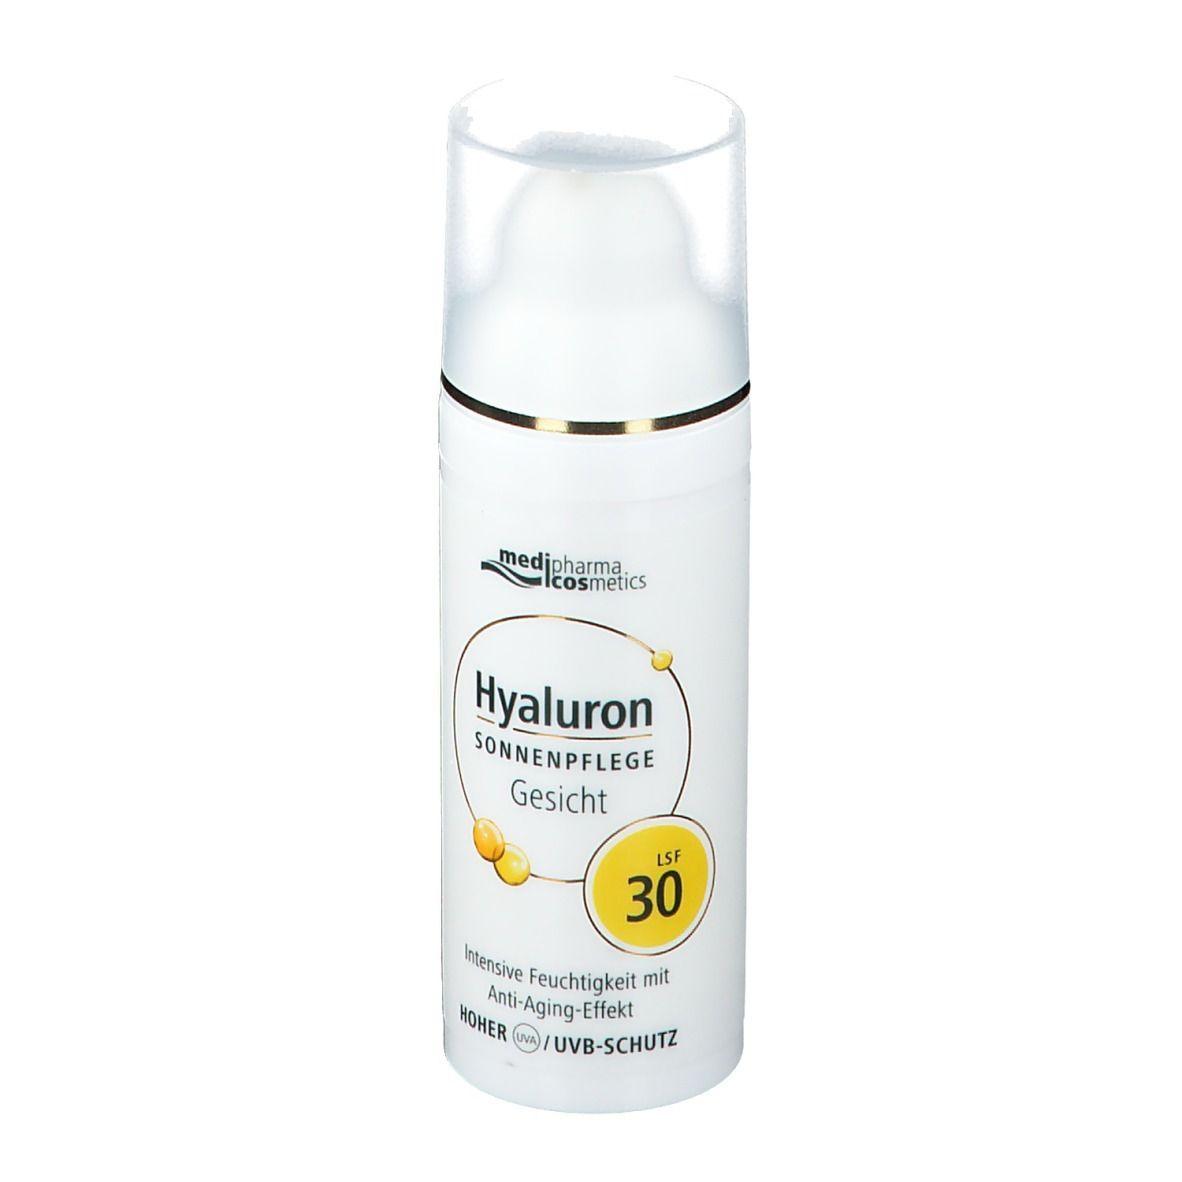 medipharma cosmetics Hyaluron Sonnenpflege Gesicht LSF 30